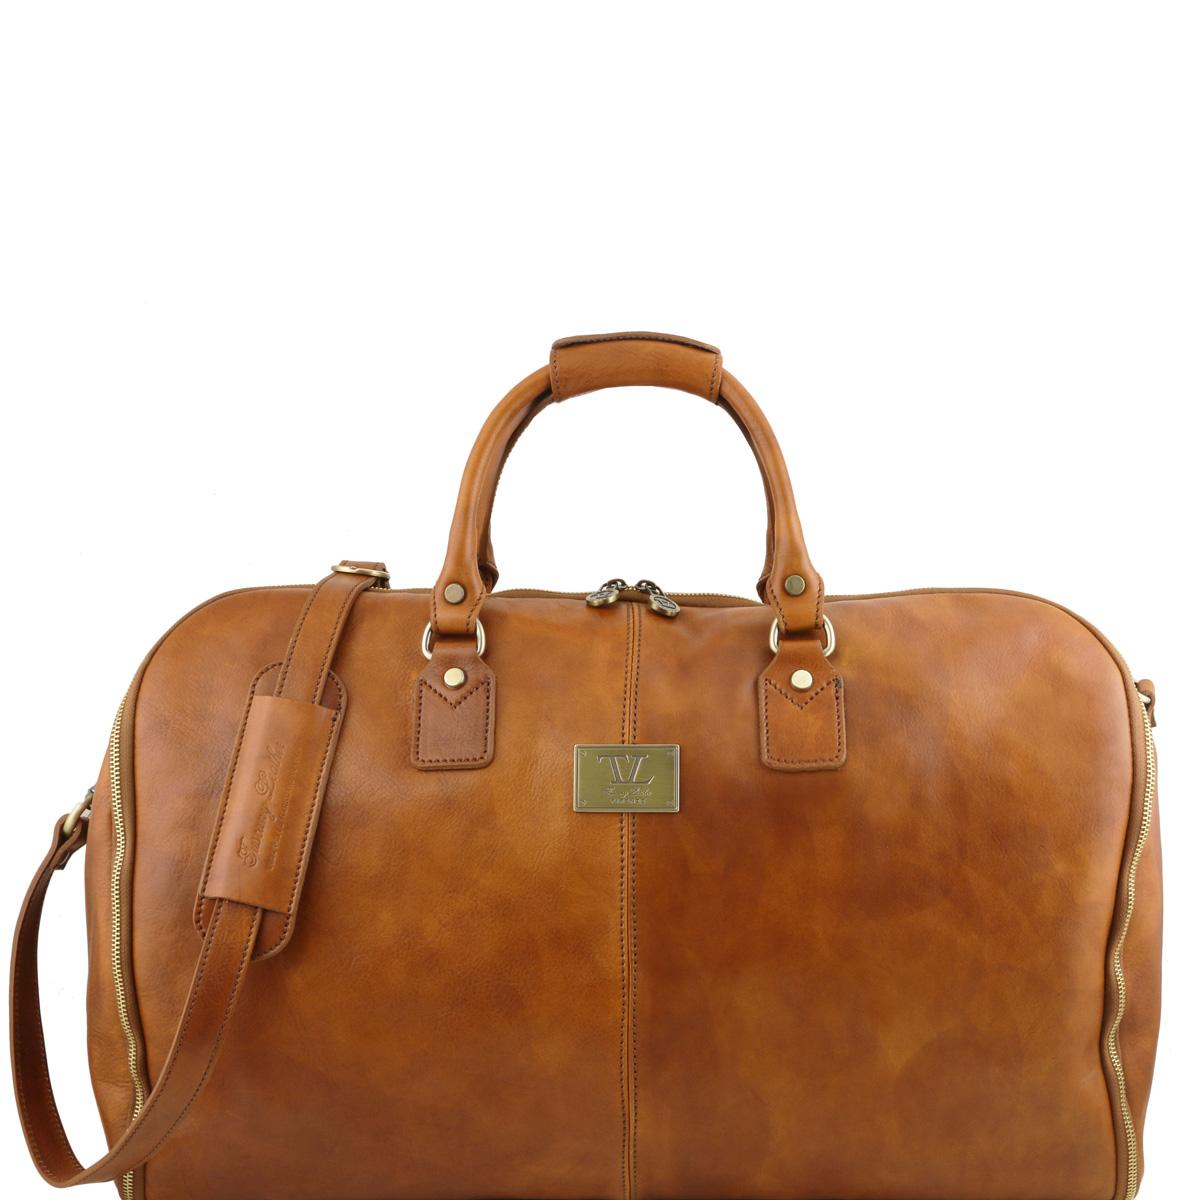 TL141538 EV003 TL1044 LE055 TL1049 EV055 TL140938. tuscany leather duffle  bag ... 3a2c9dda34f8a